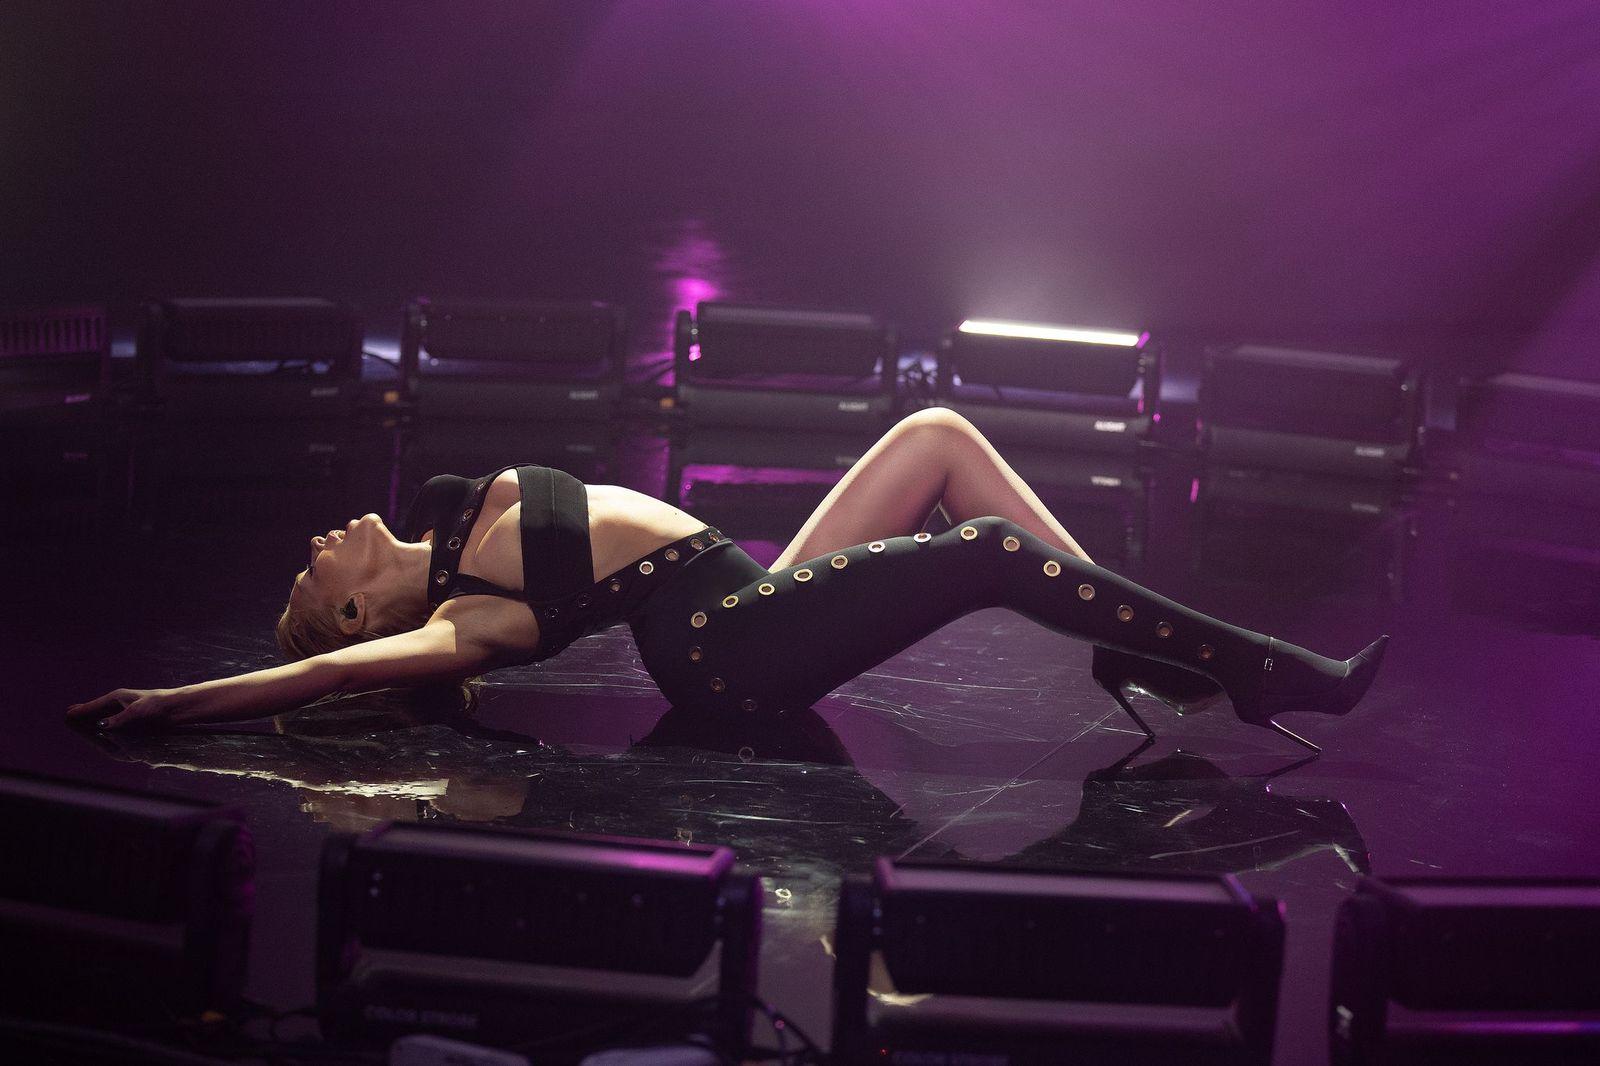 Тіна Кароль виступить на масштабному фестивалі з гітаристо Бібера і влаштує ciber show